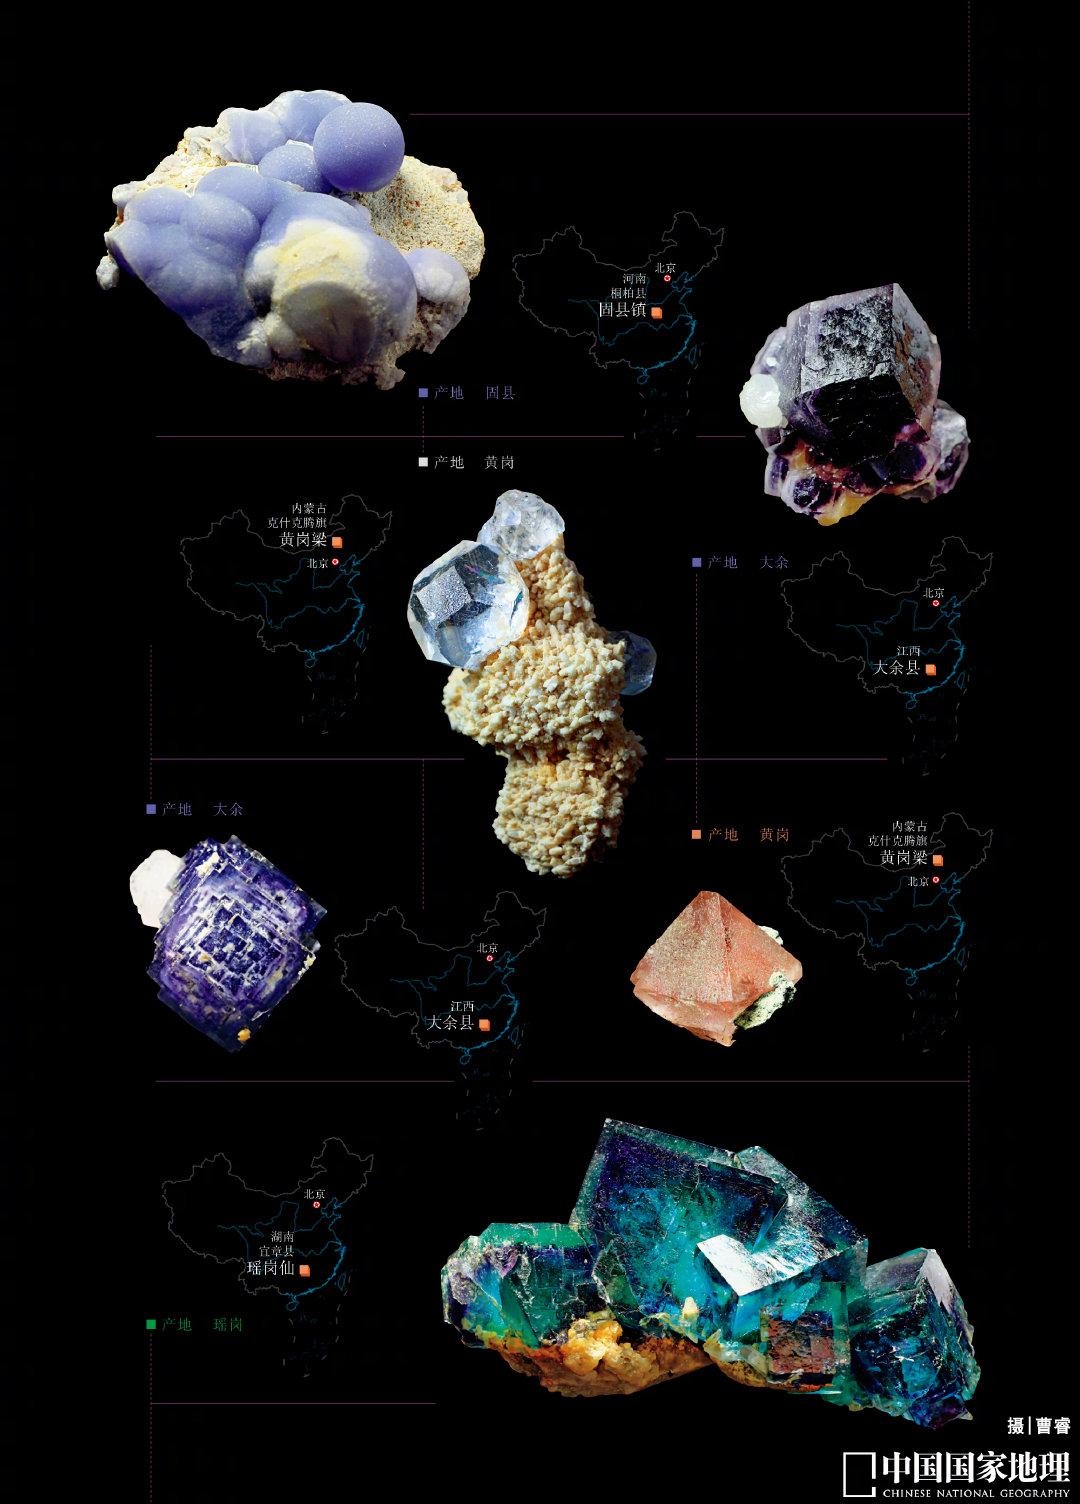 萤石是一种常见的矿物晶体——古代的夜明珠便是由萤石制作